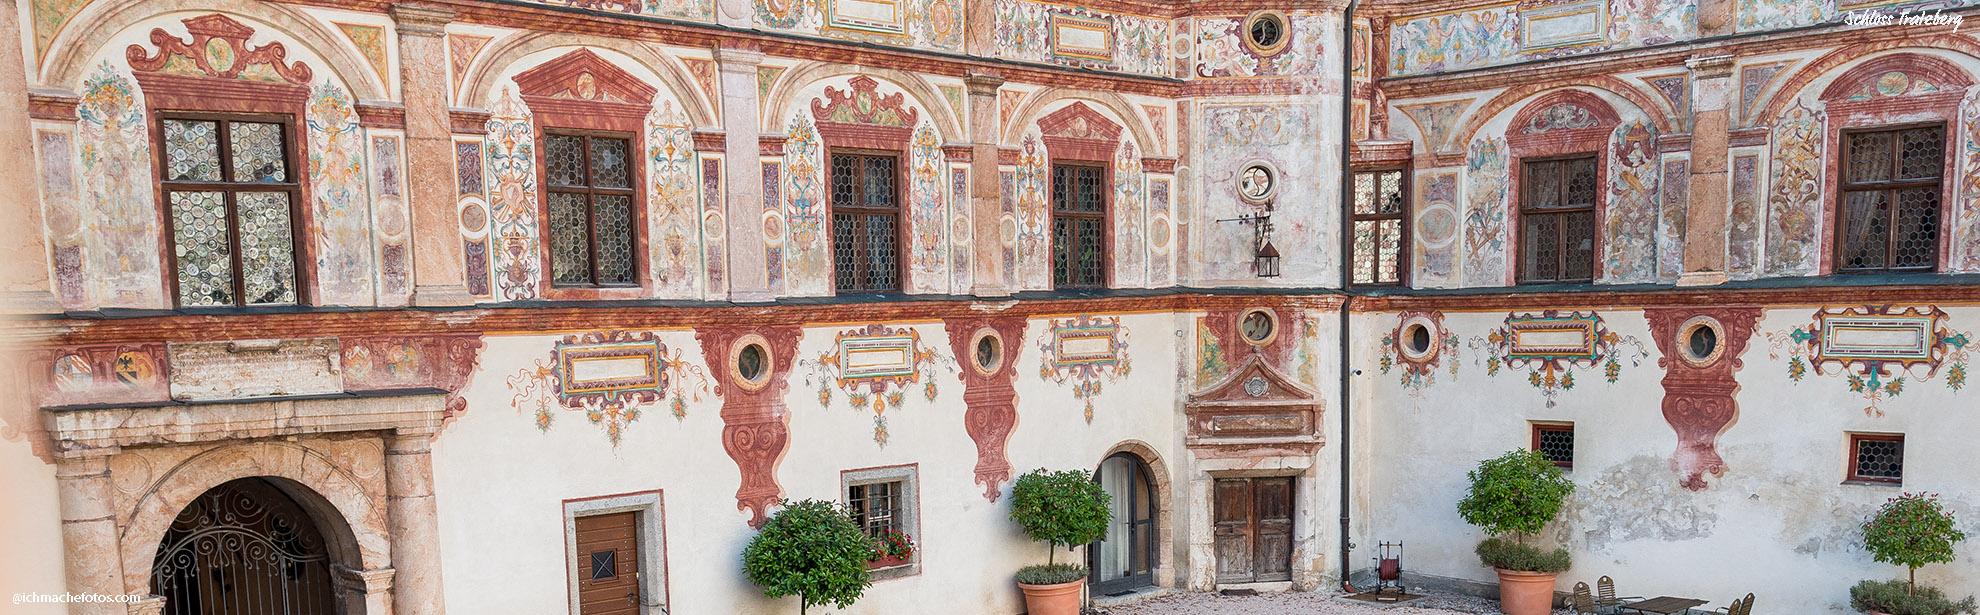 Oichmachefotoscom_Schloss-Tratzberg_180909_059